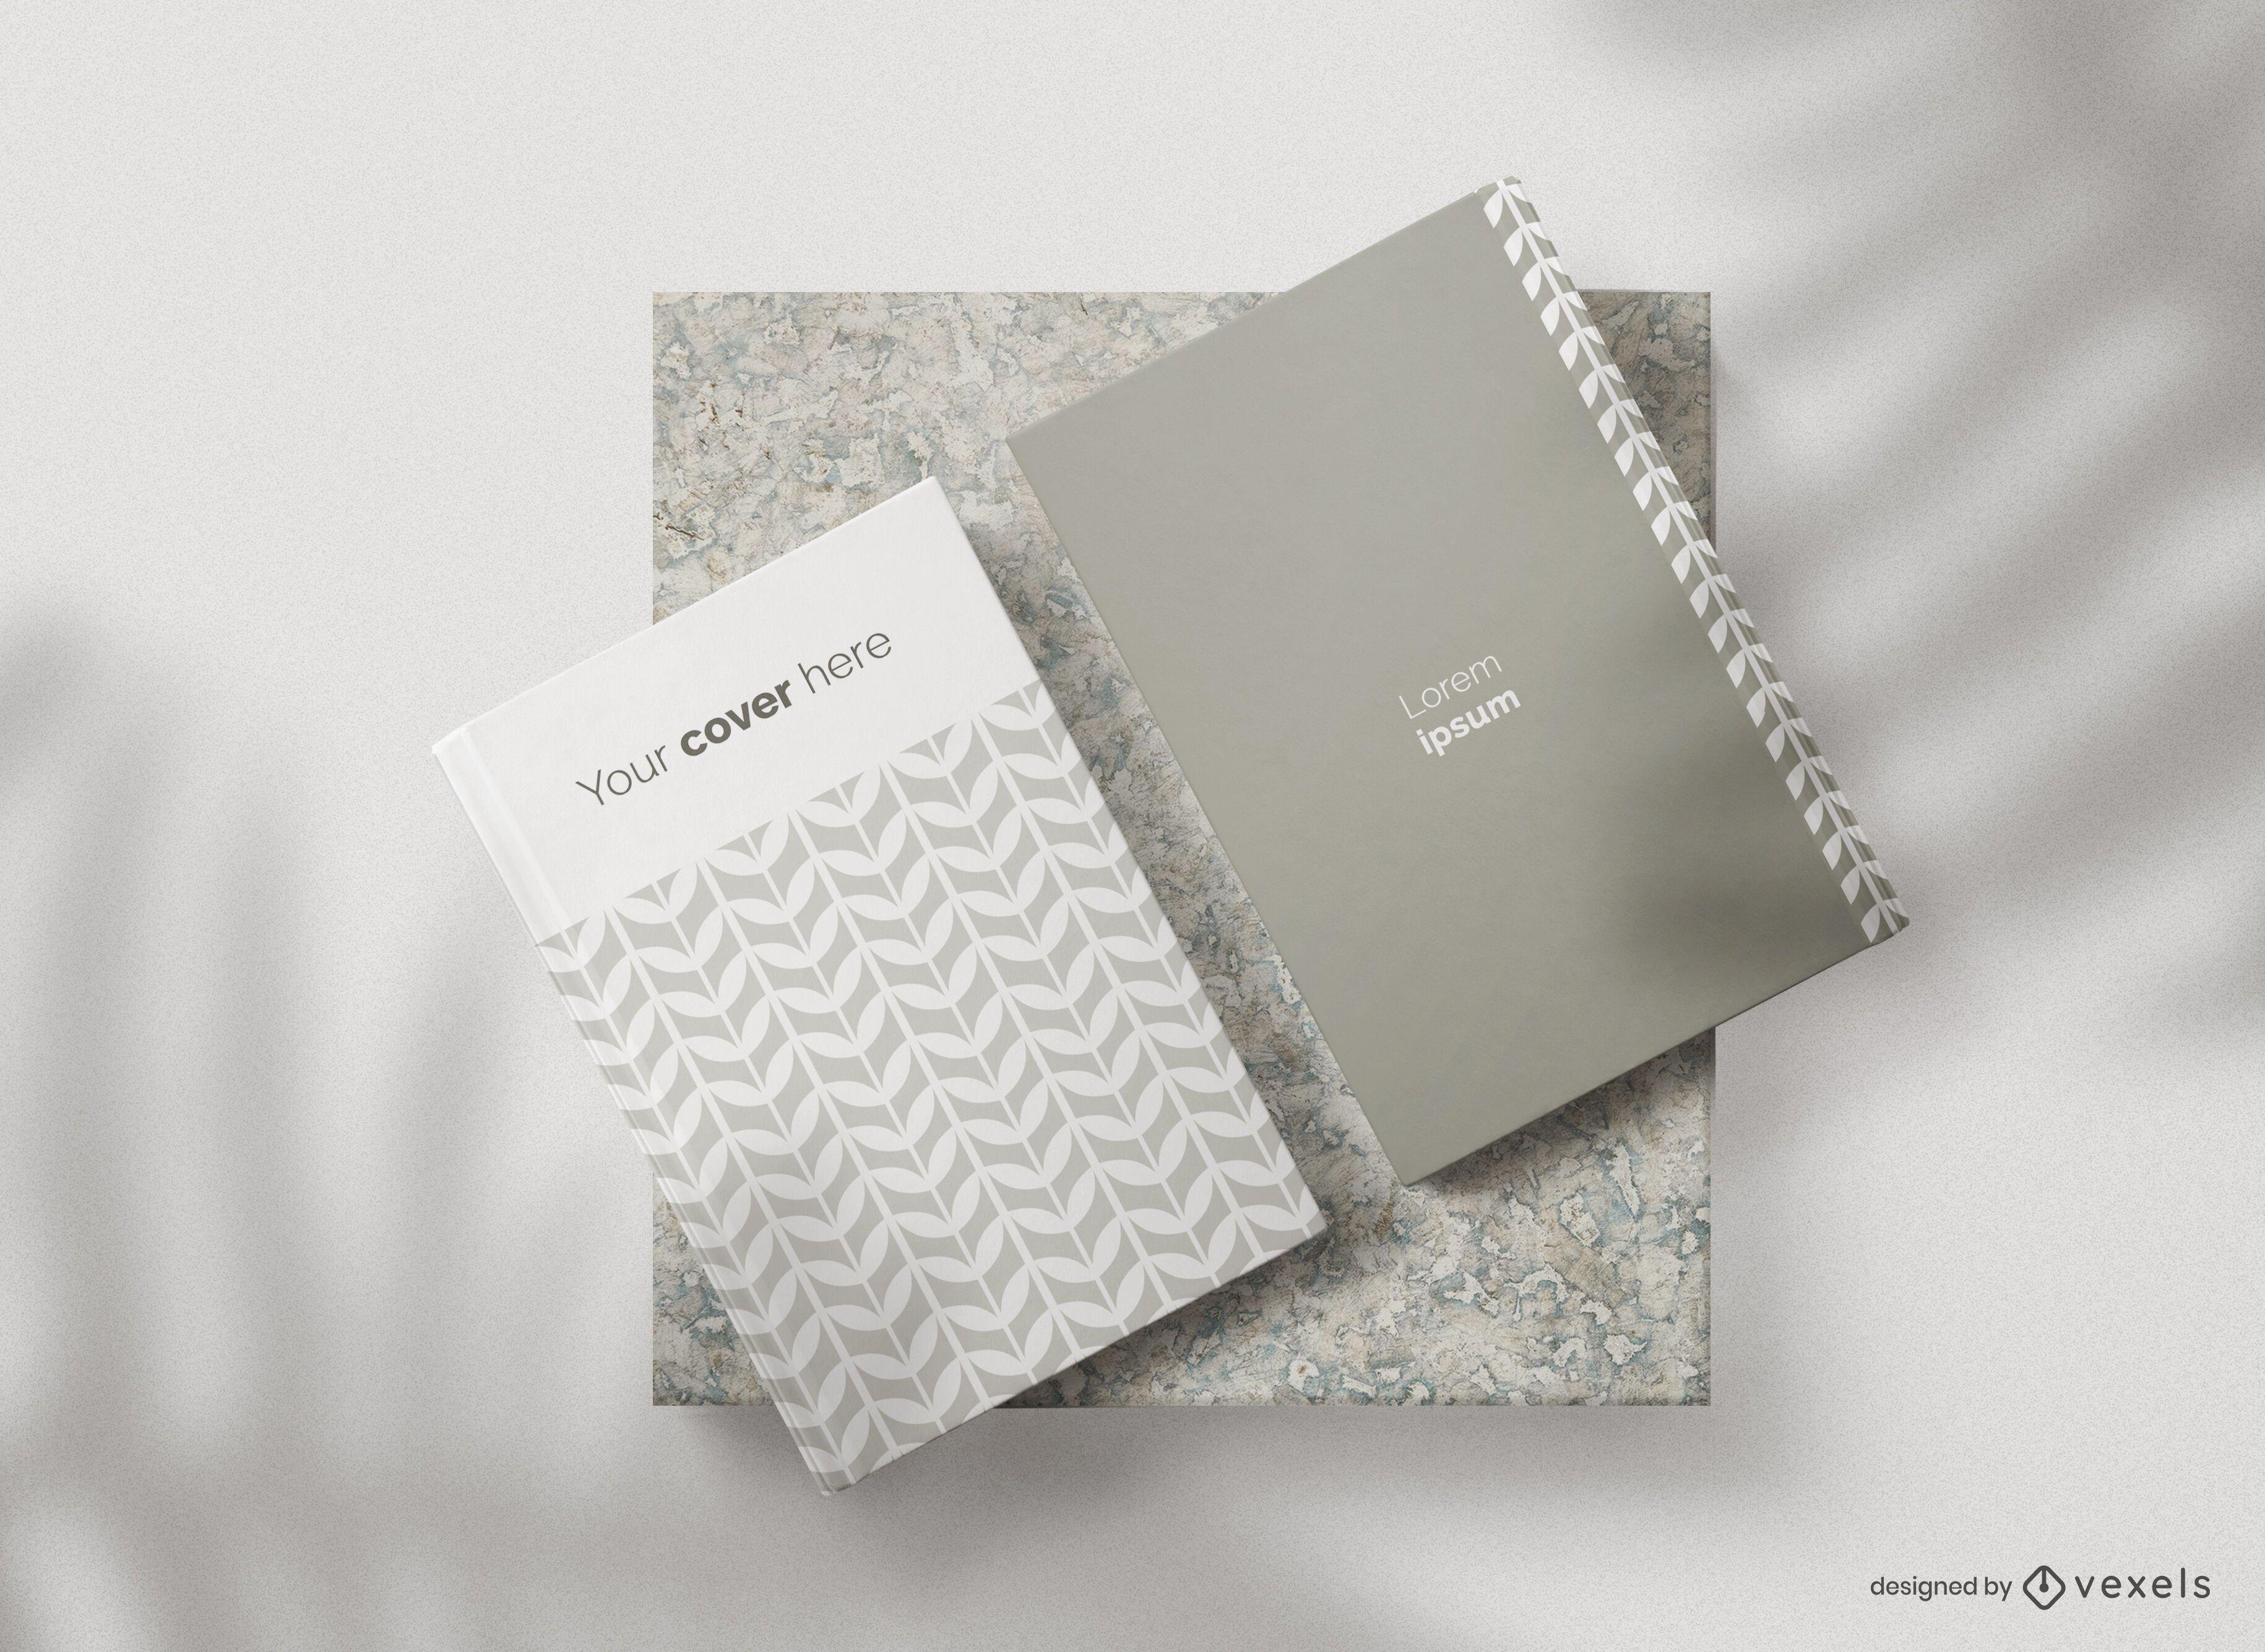 Composición de maqueta de portadas de libros